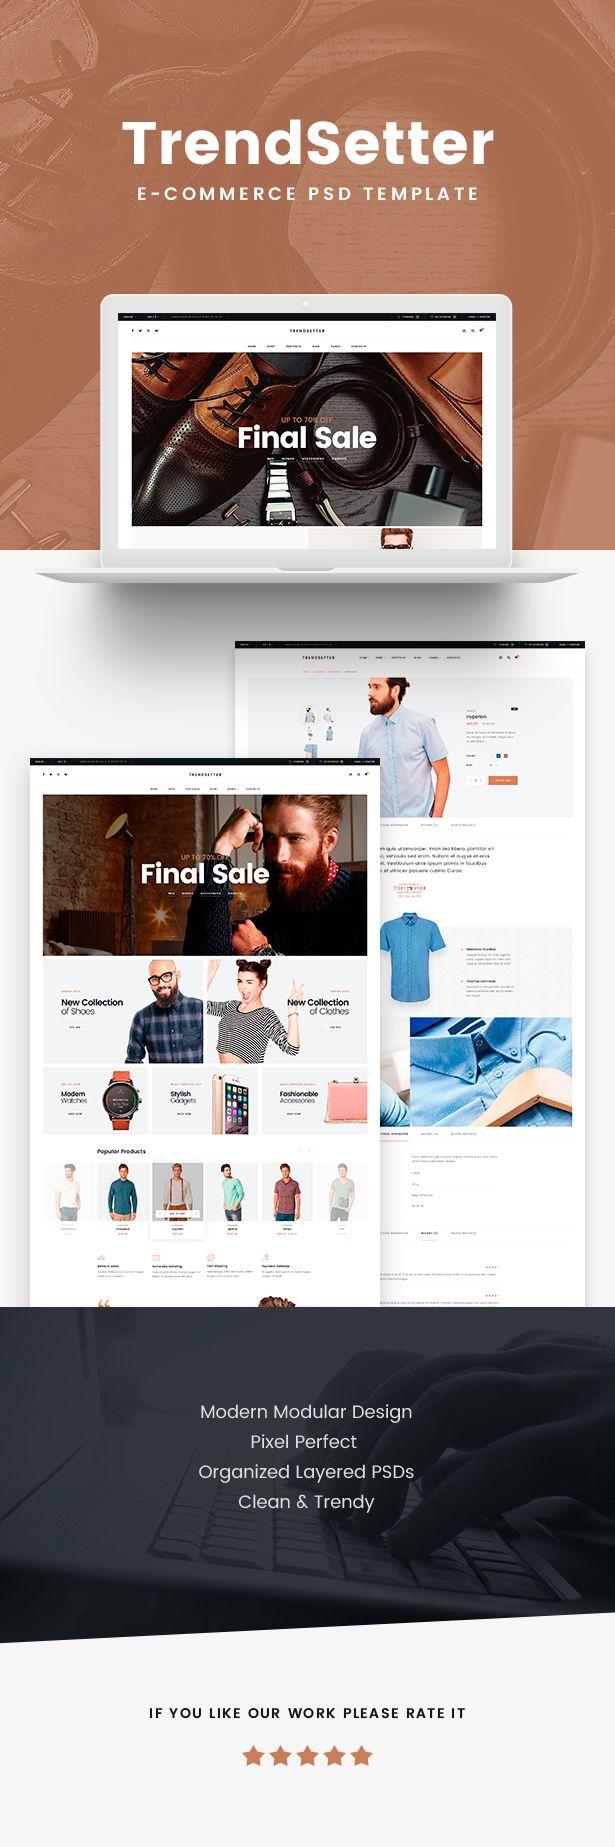 Trendsetter E Commerce Html Template Shopping Trend Setter Ecommerce Html Templates